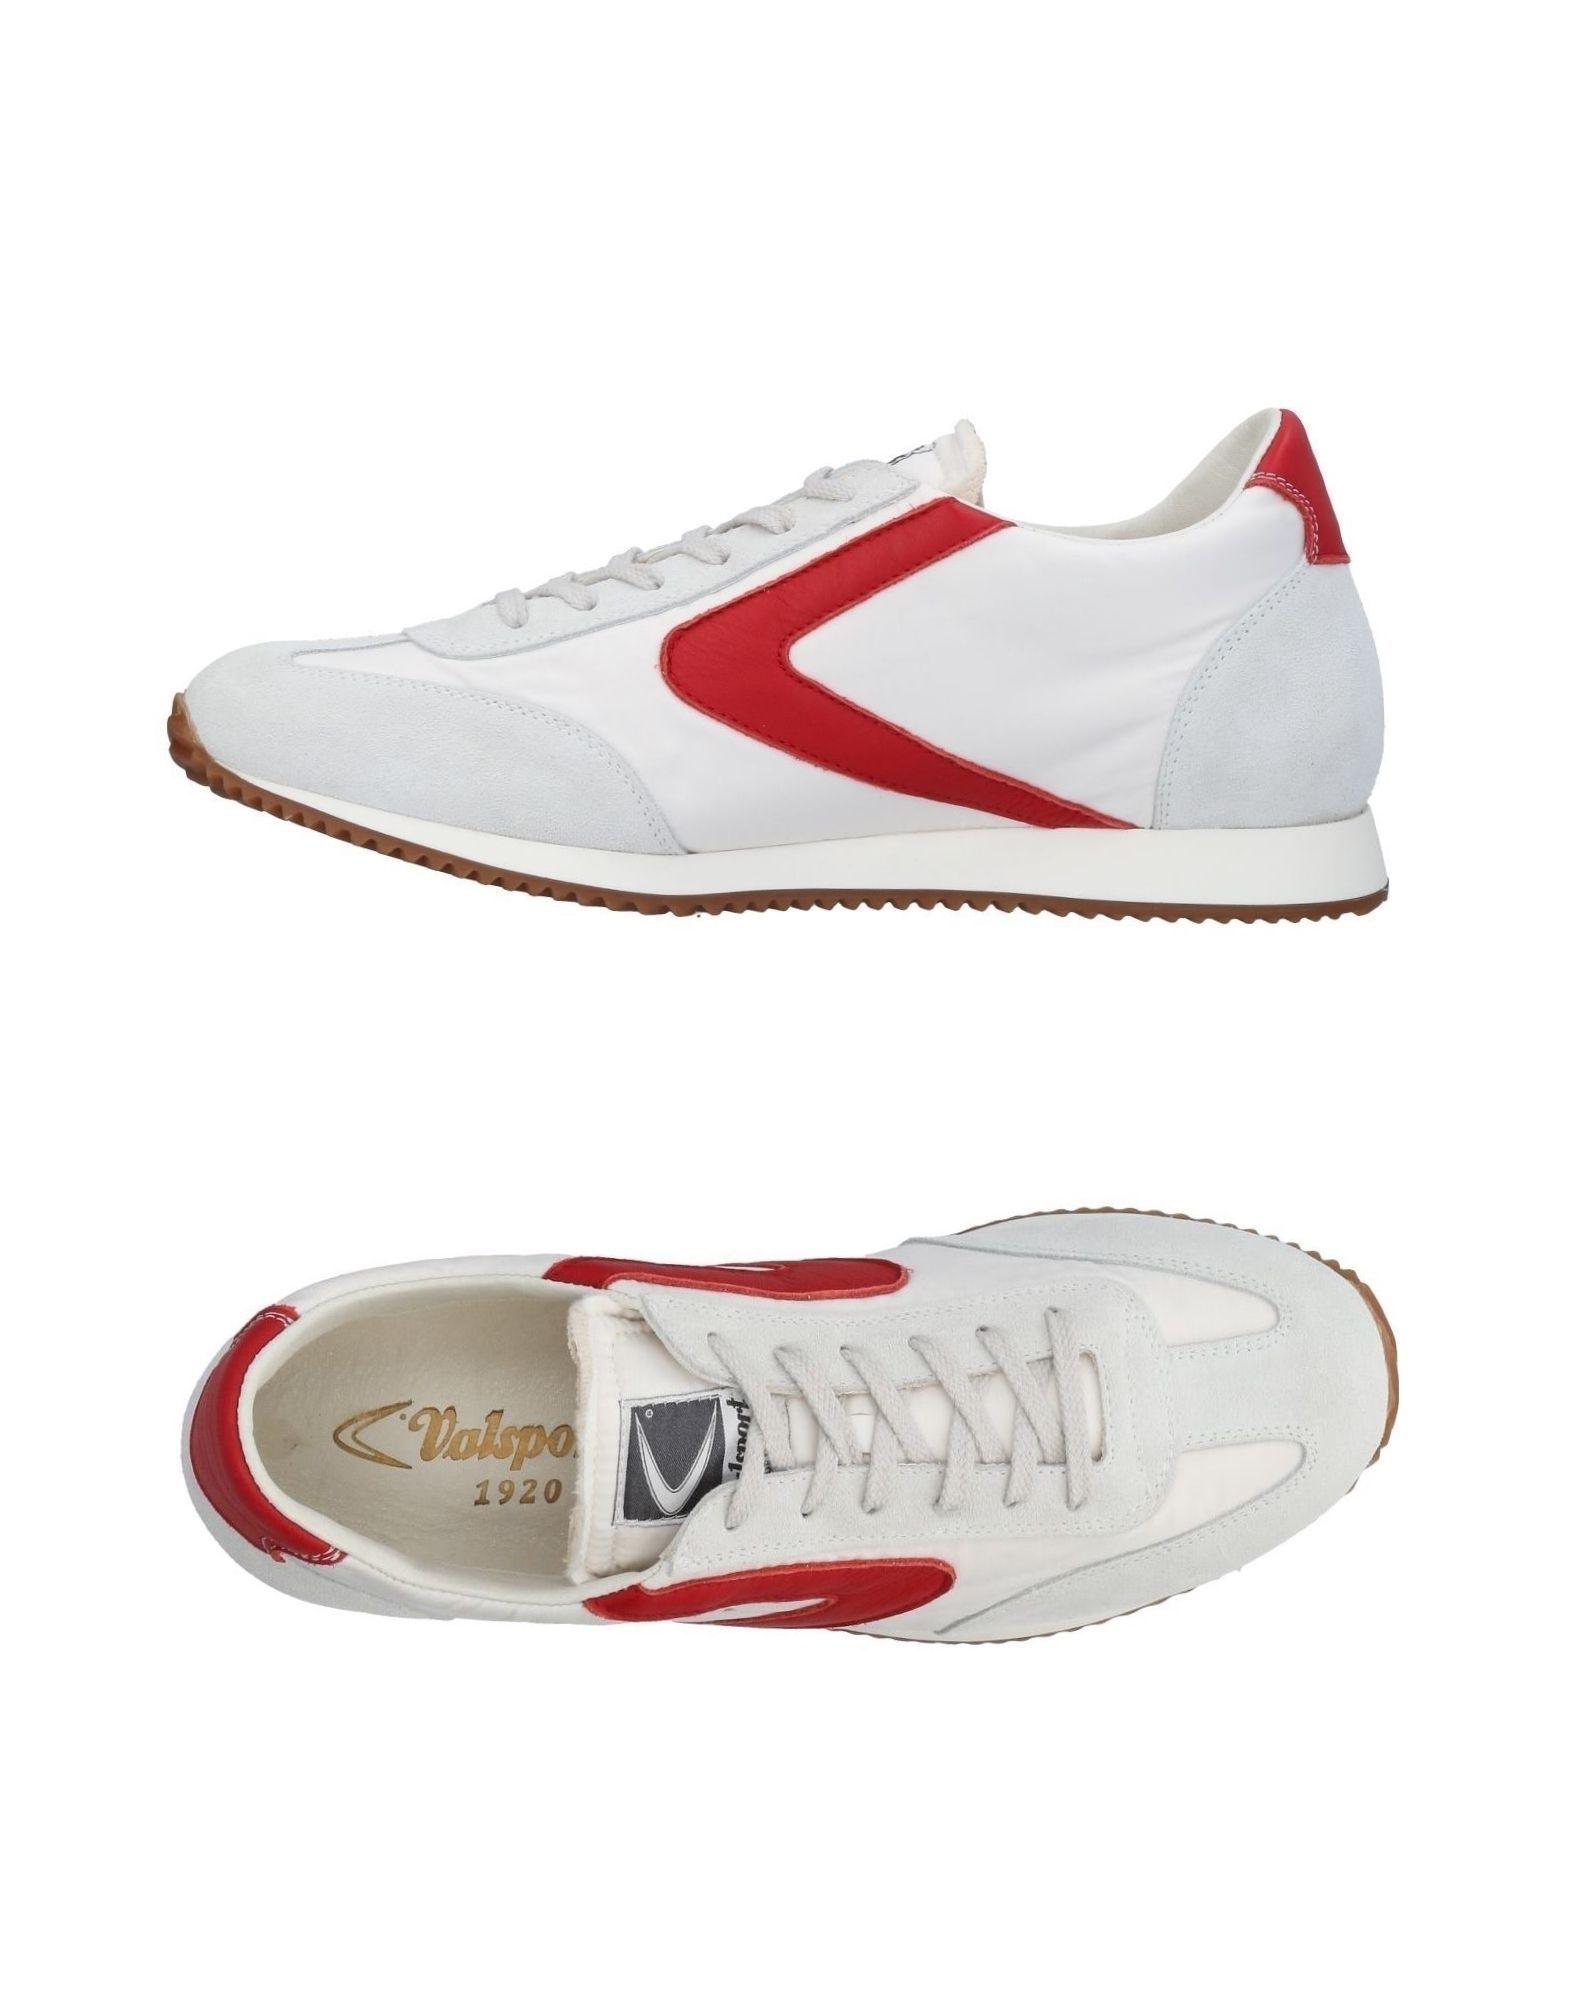 FOOTWEAR - High-tops & sneakers Valsport yWlCjs0A